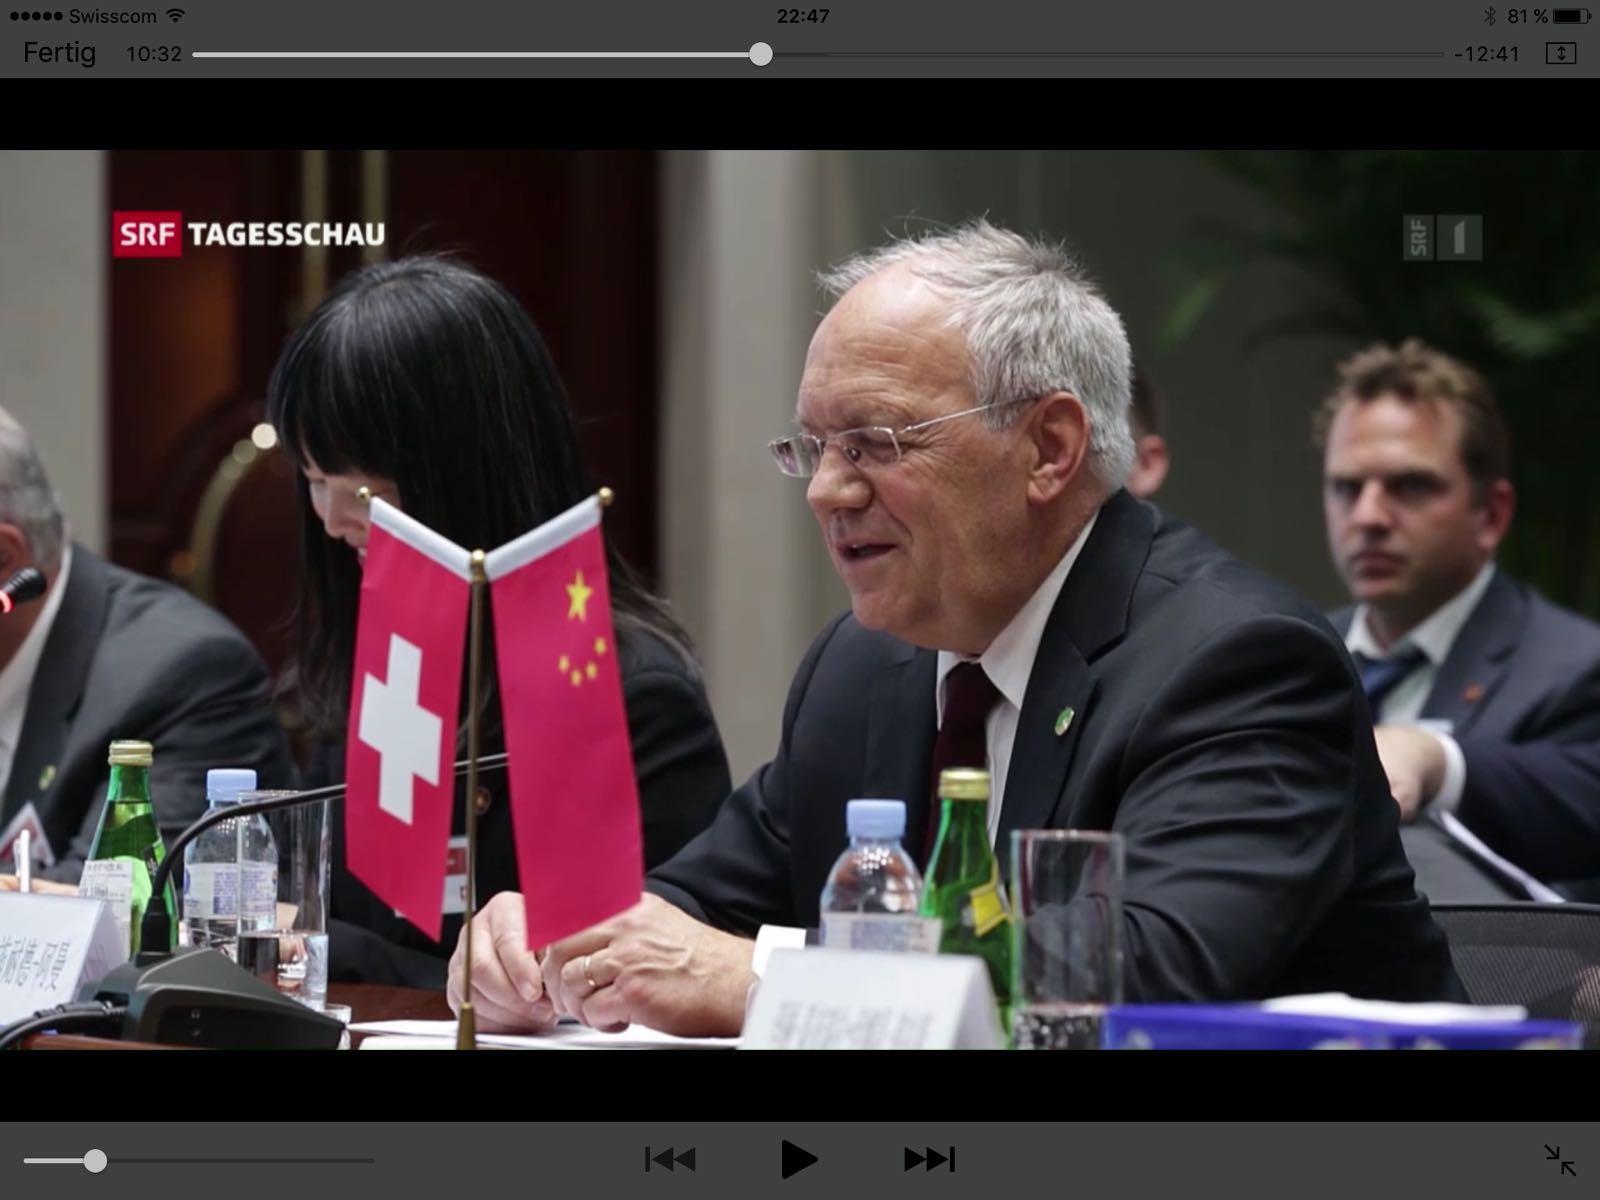 El cofundador de Glice® Viktor Meier formando parte de la visita de estado Suizo – China.